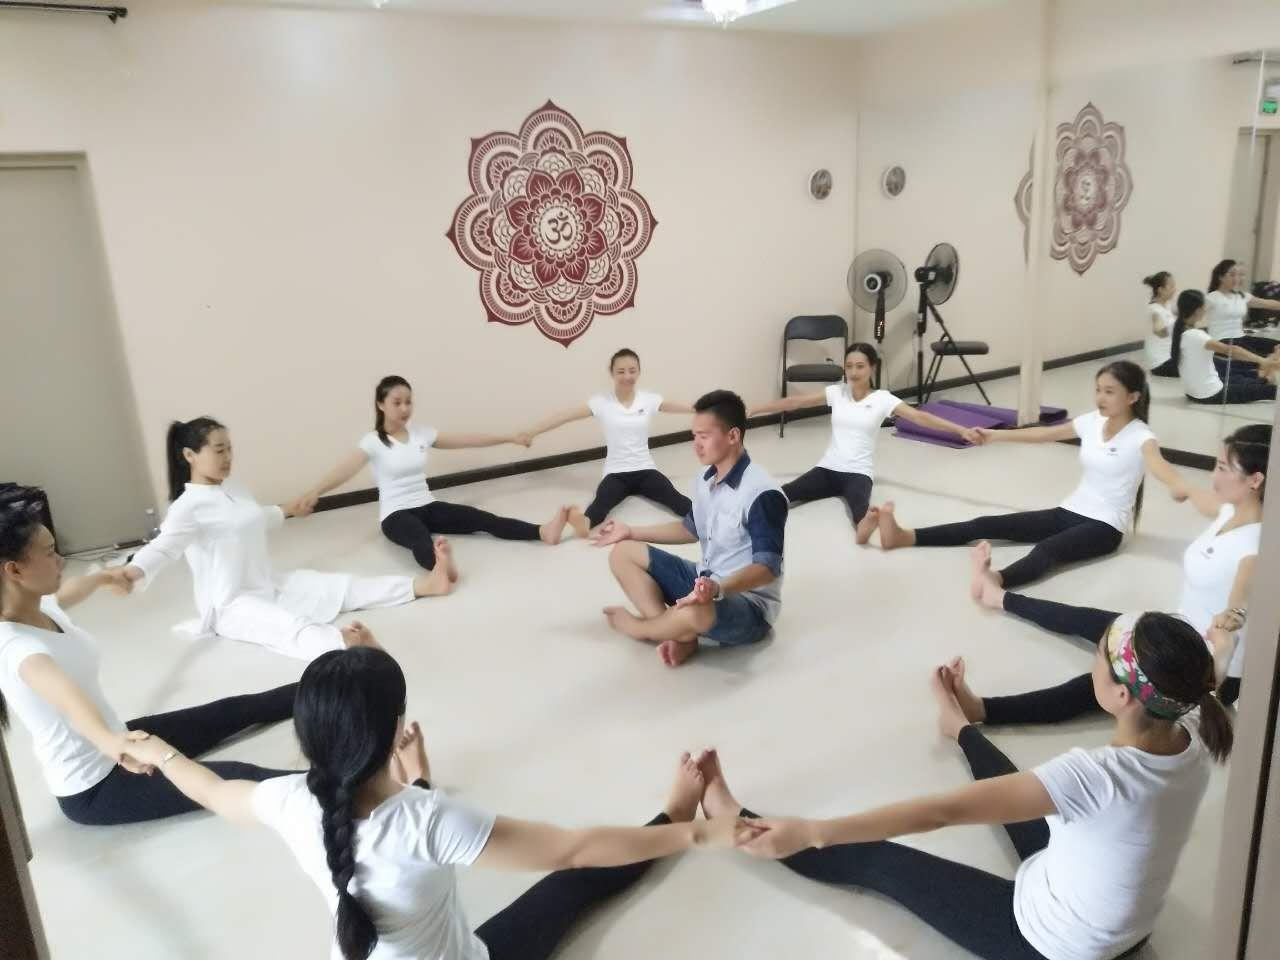 沈阳威思丽2020年瑜伽全能班火热预定中